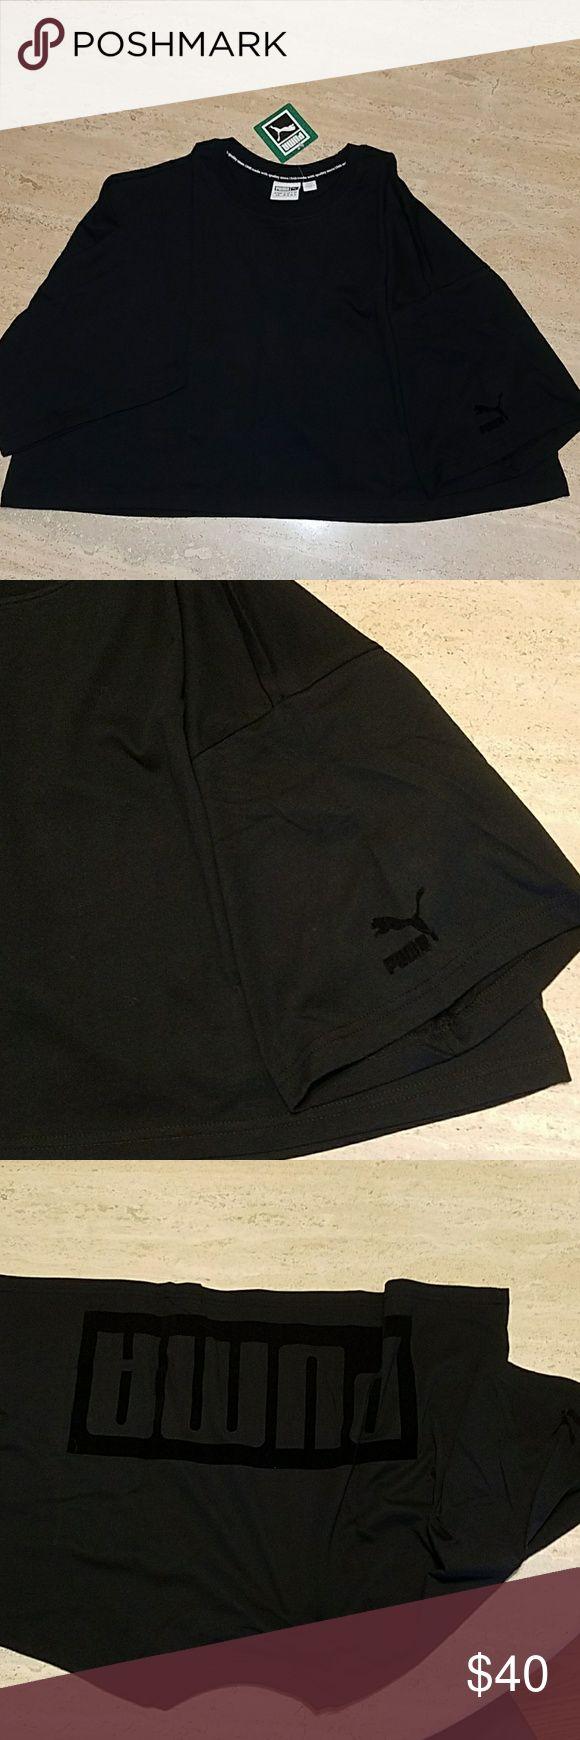 Black PUMA shirt size L Black PUMA  shirt size L Puma Tops Tank Tops